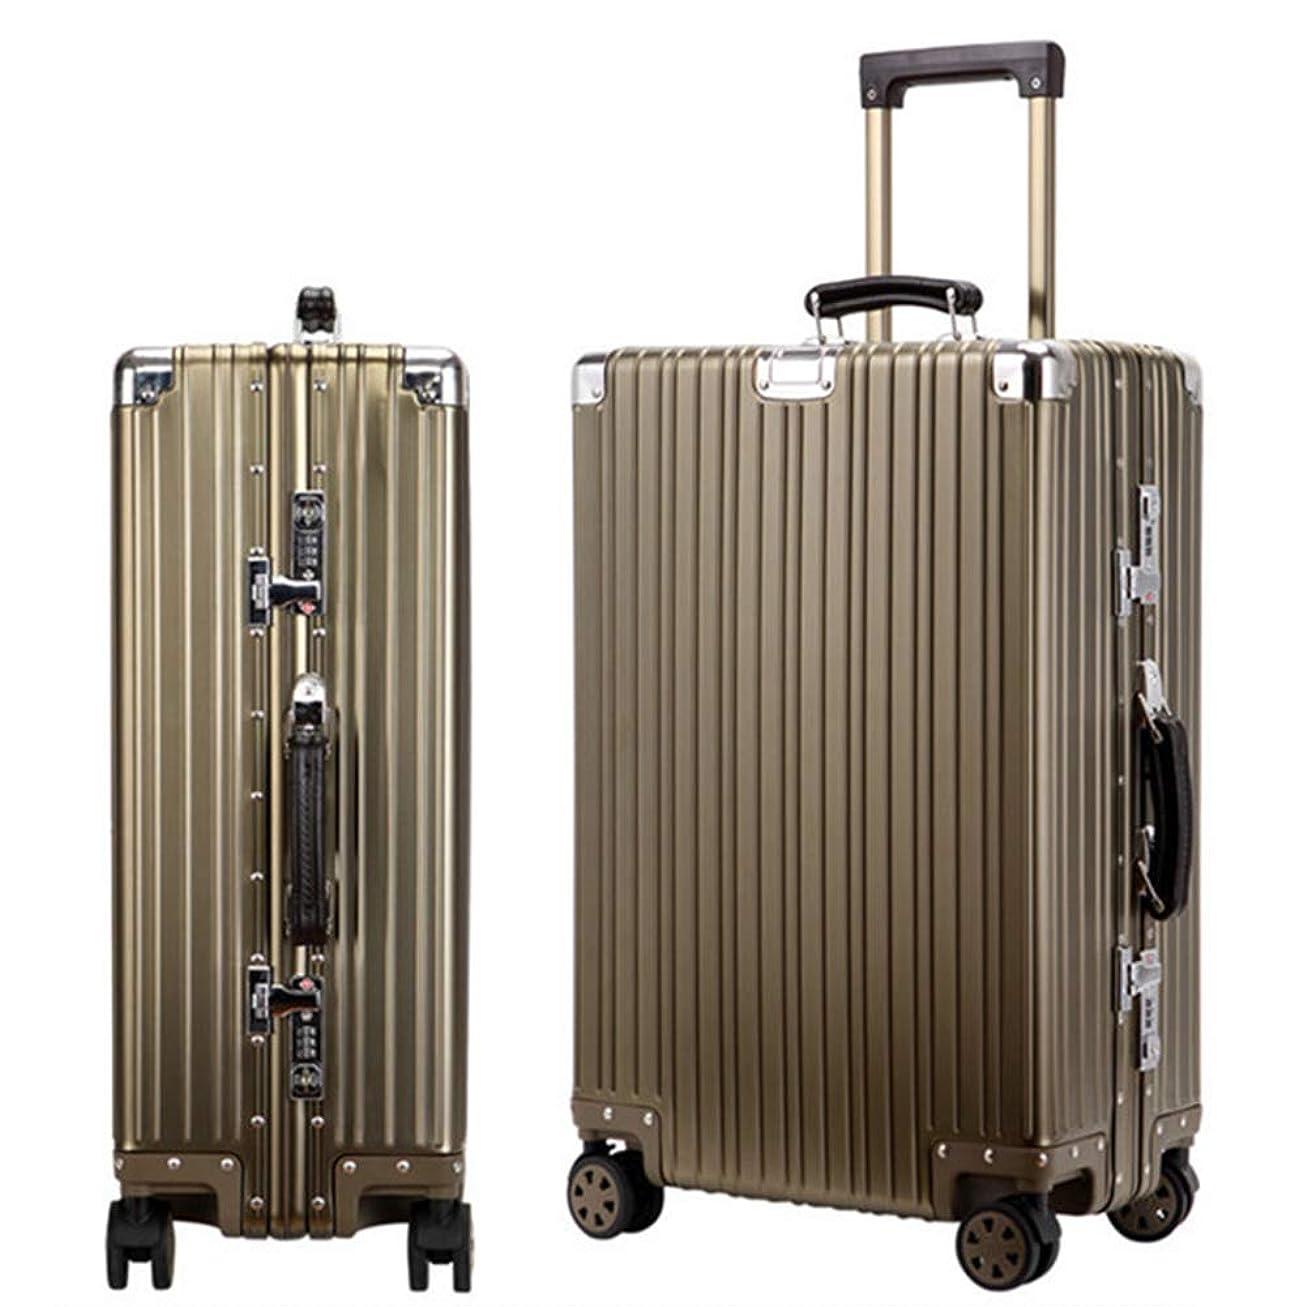 高揚したパッド周りスーツケース 旅行出張 アルミ スーツケース キャリーケース アルミ?マグネシウム合金 軽量 静音 TSAロック搭載 スーツケース アルミ スーツケース 大型 6色